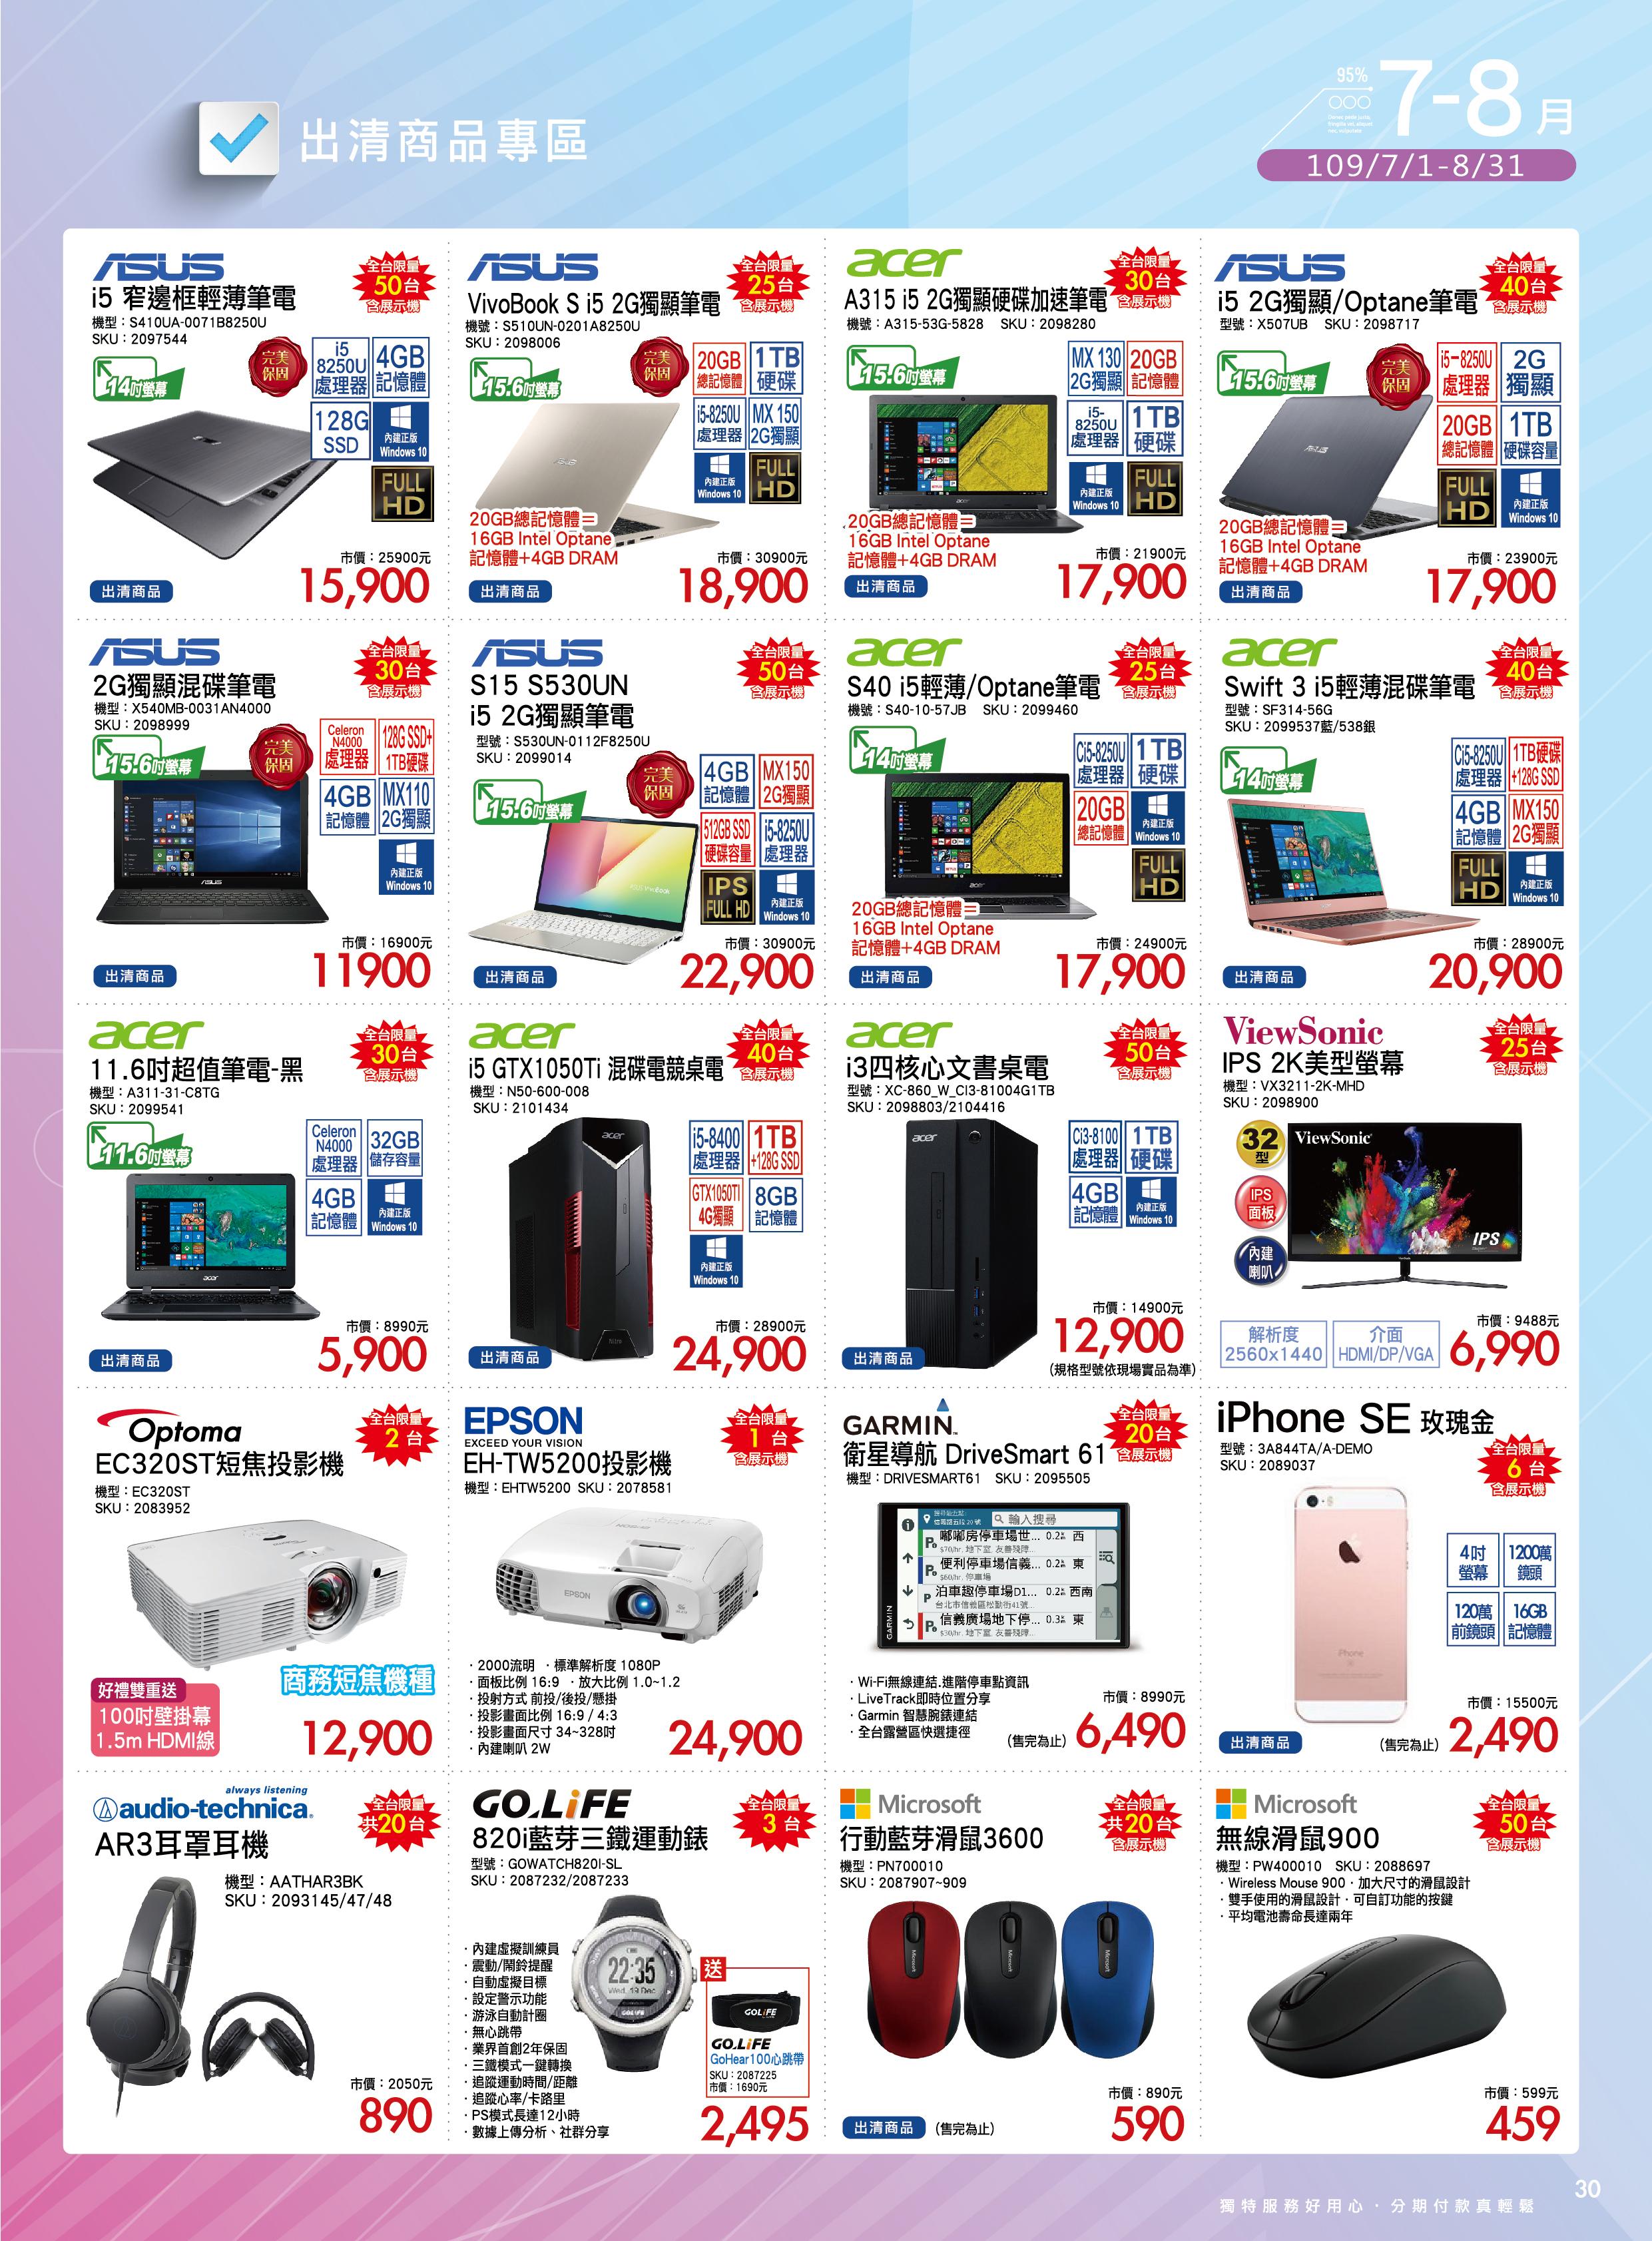 全國電子 X 當期資訊商品優惠DM 30